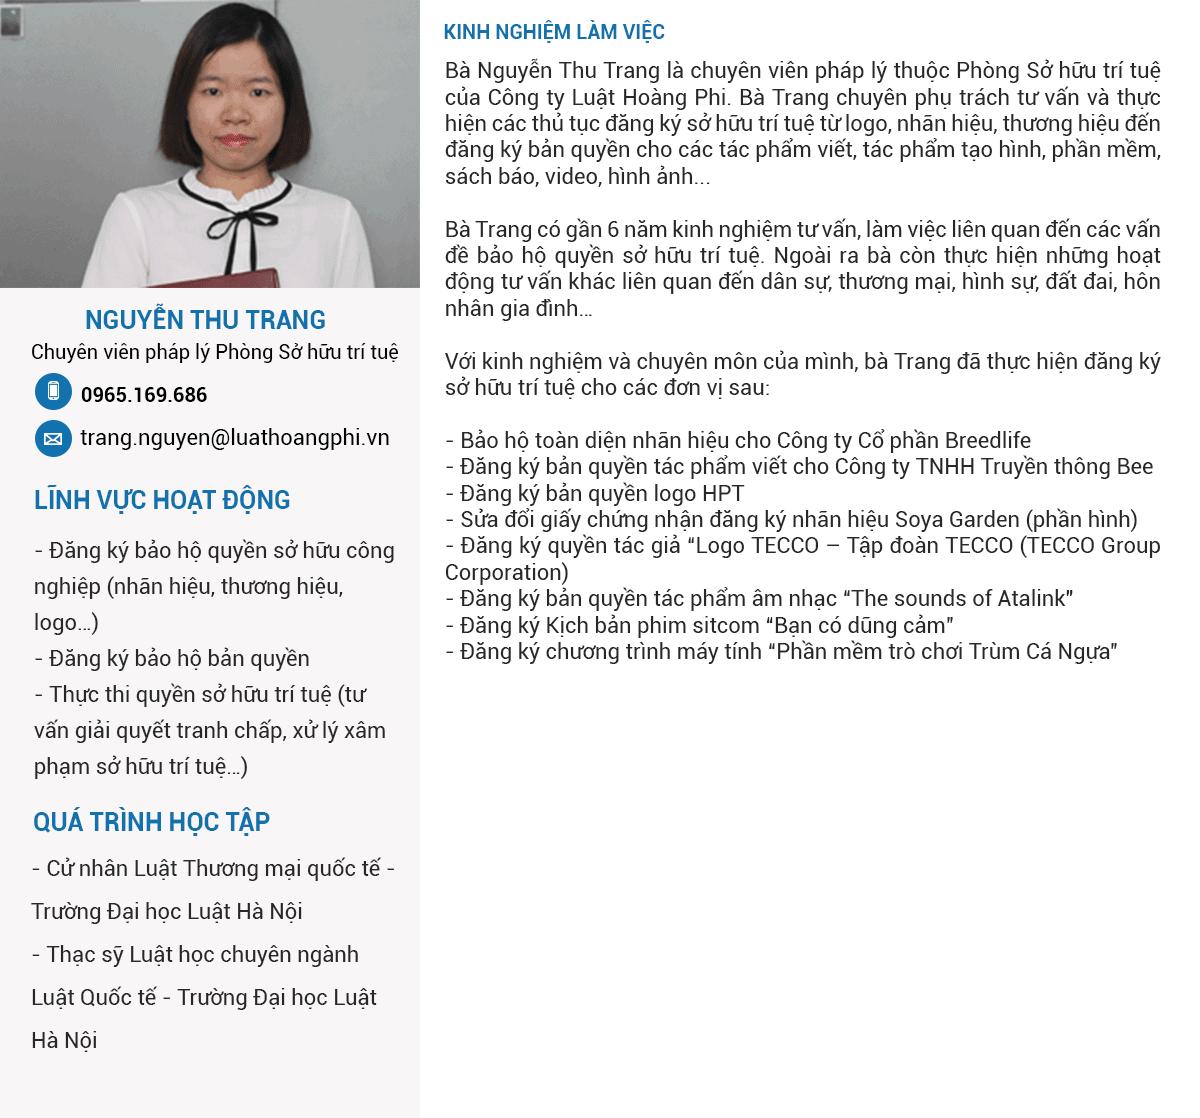 Chuyên Viên Pháp Lý Nguyễn Thu Trang